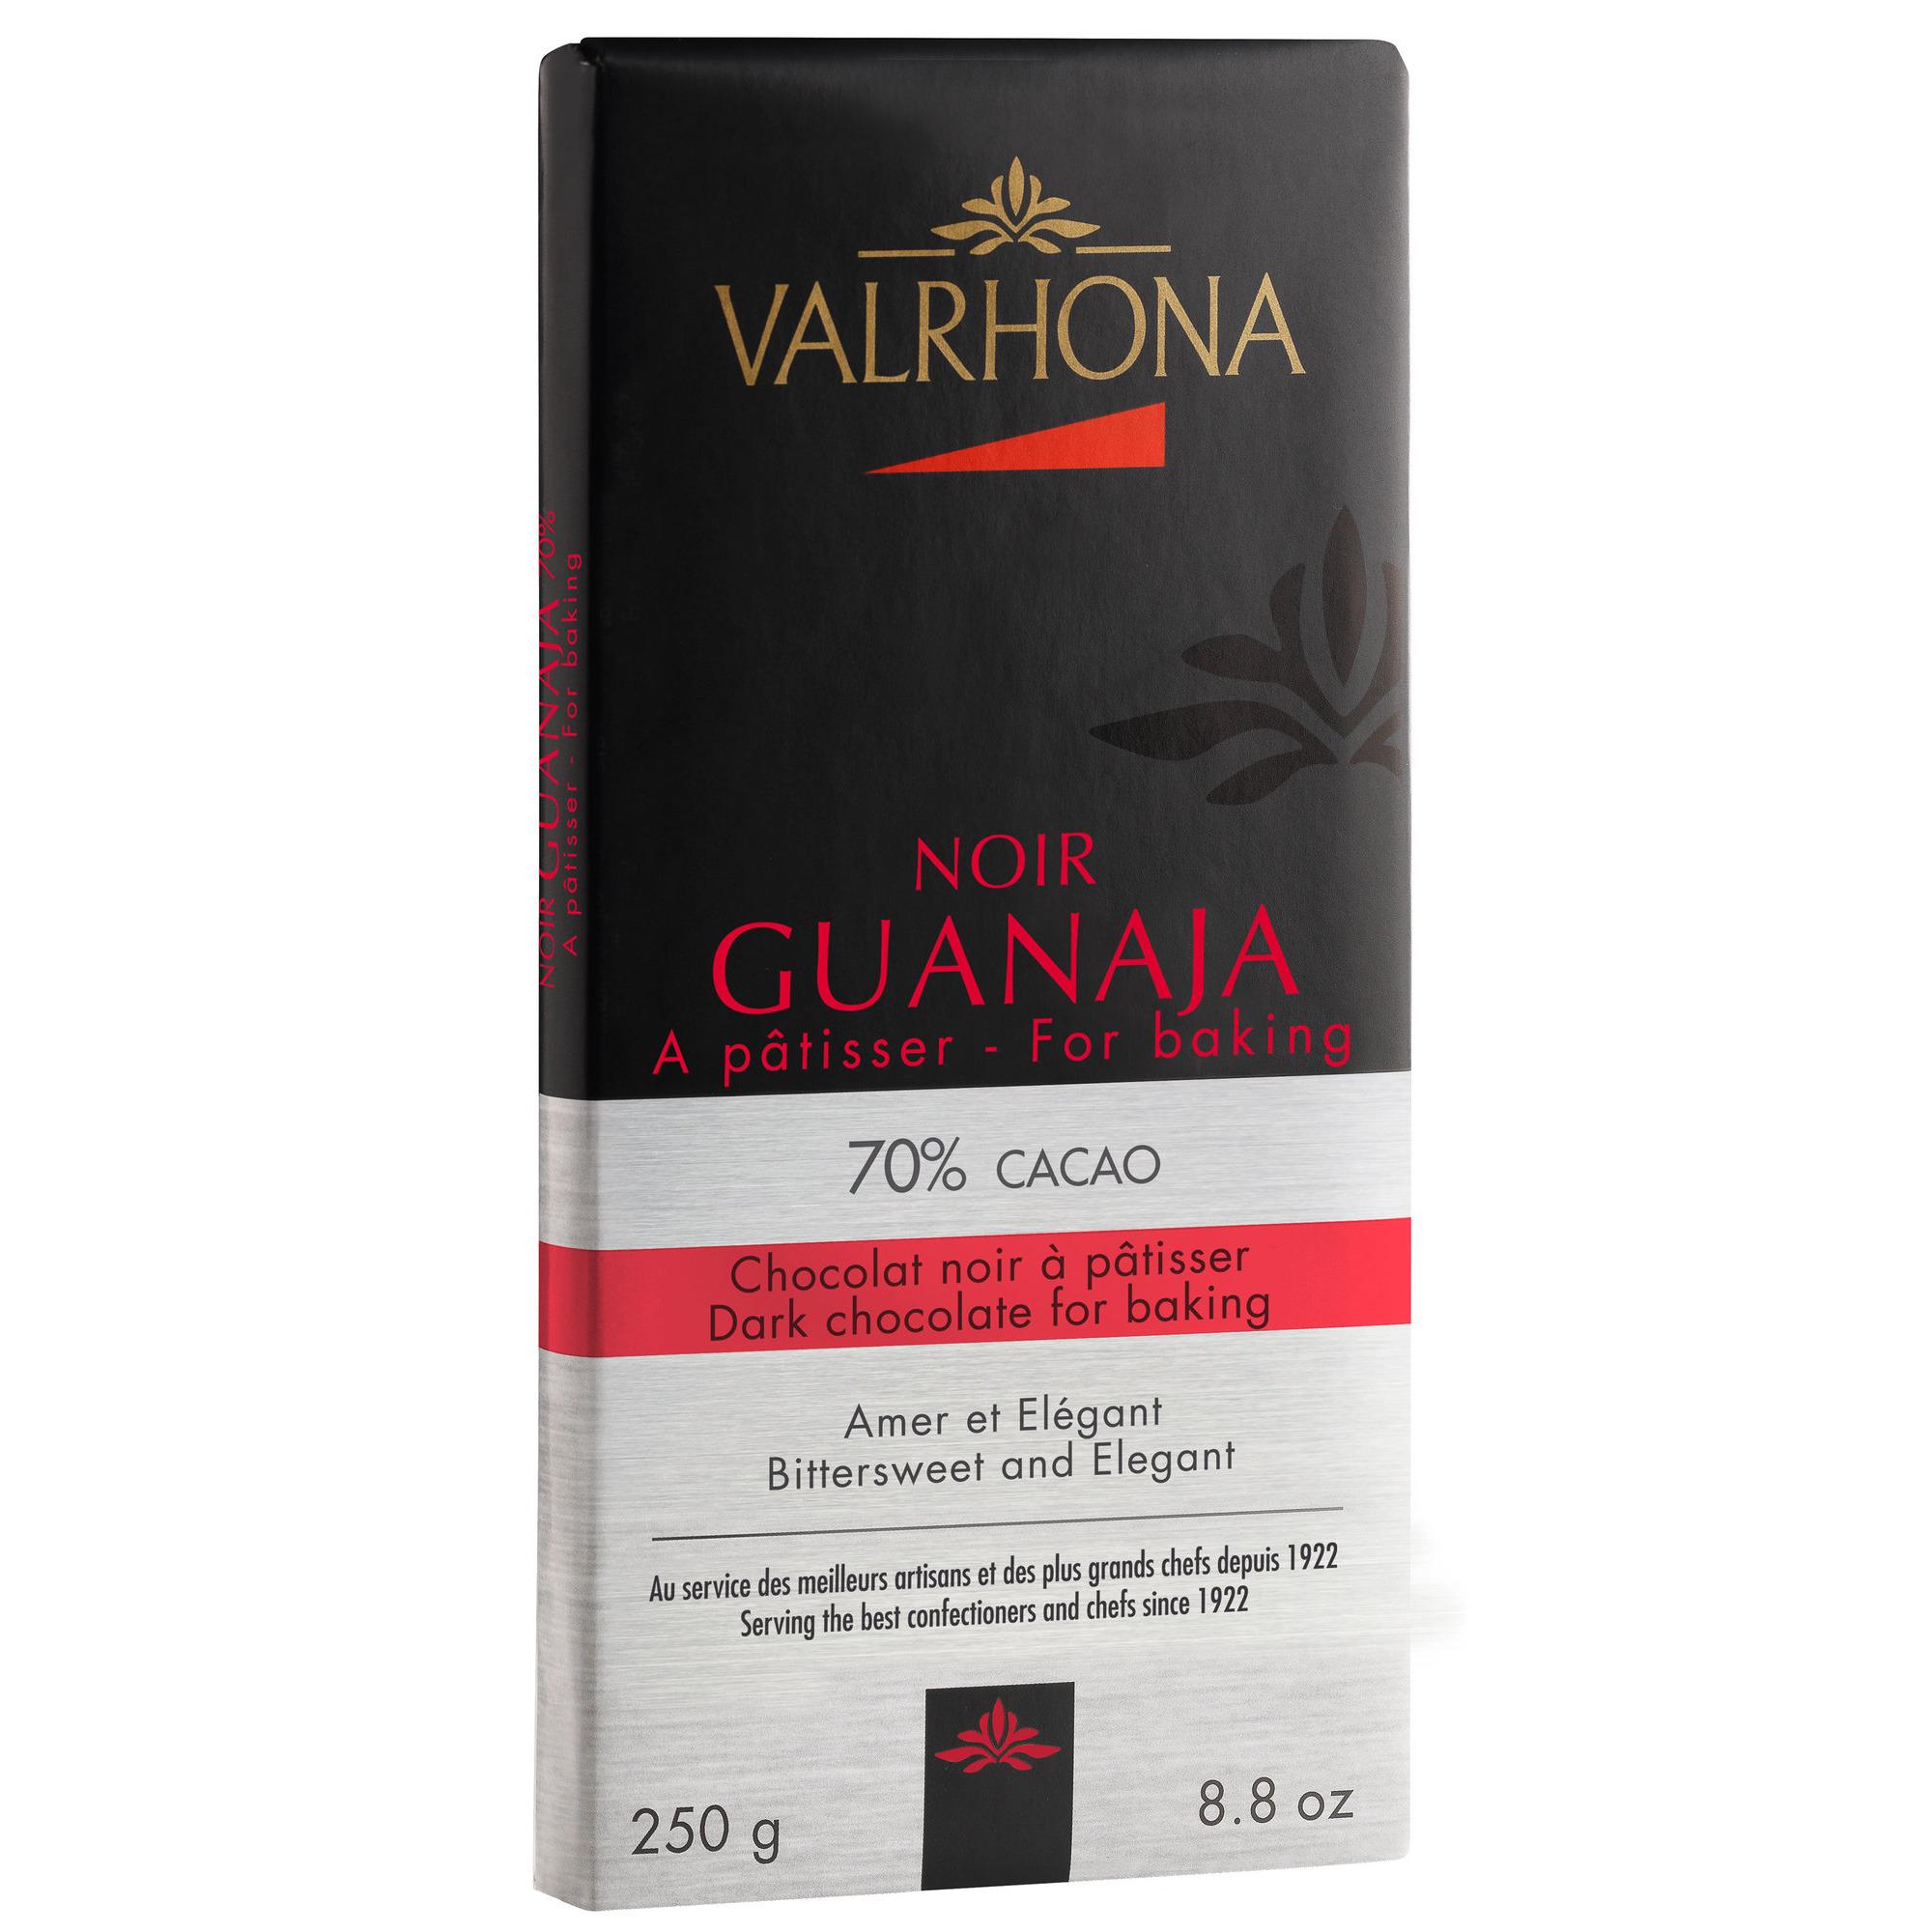 Valrhona Guanaja 70 % 250g plade